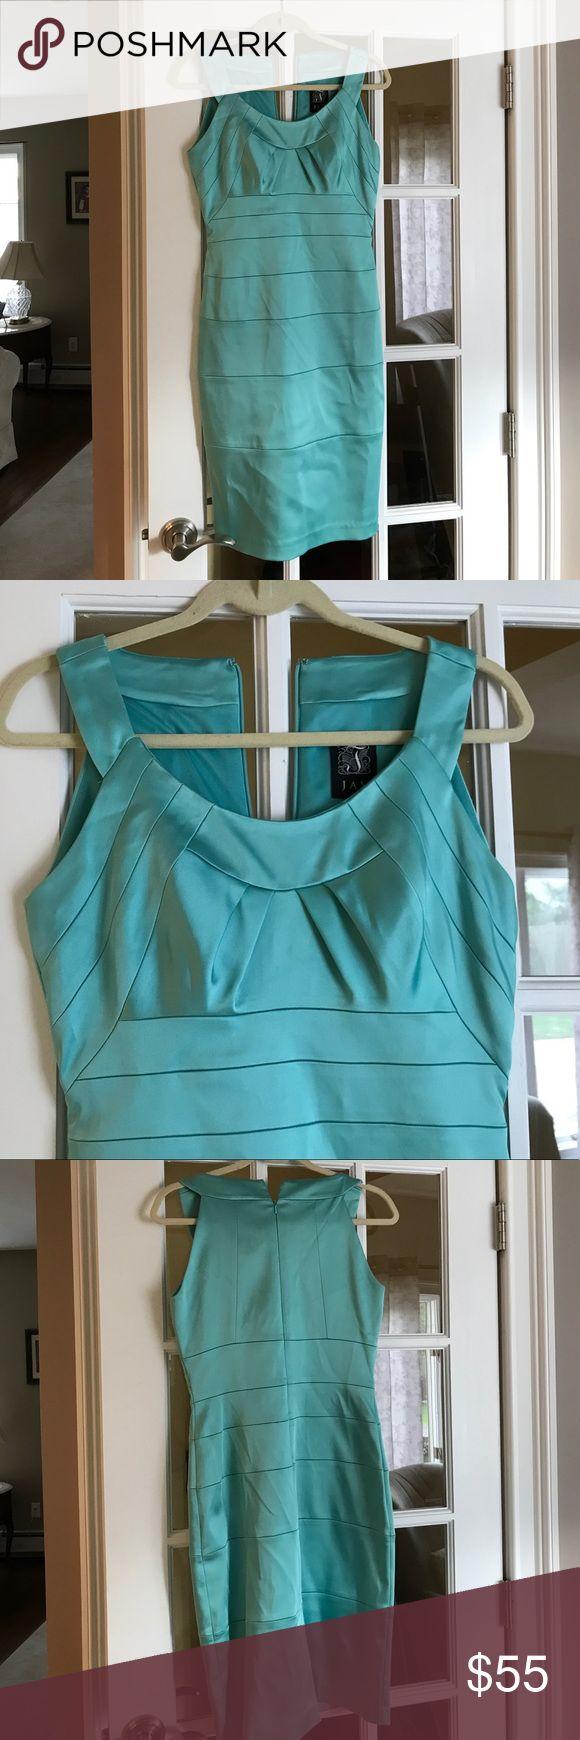 Dress Aqua satin Dresses Wedding